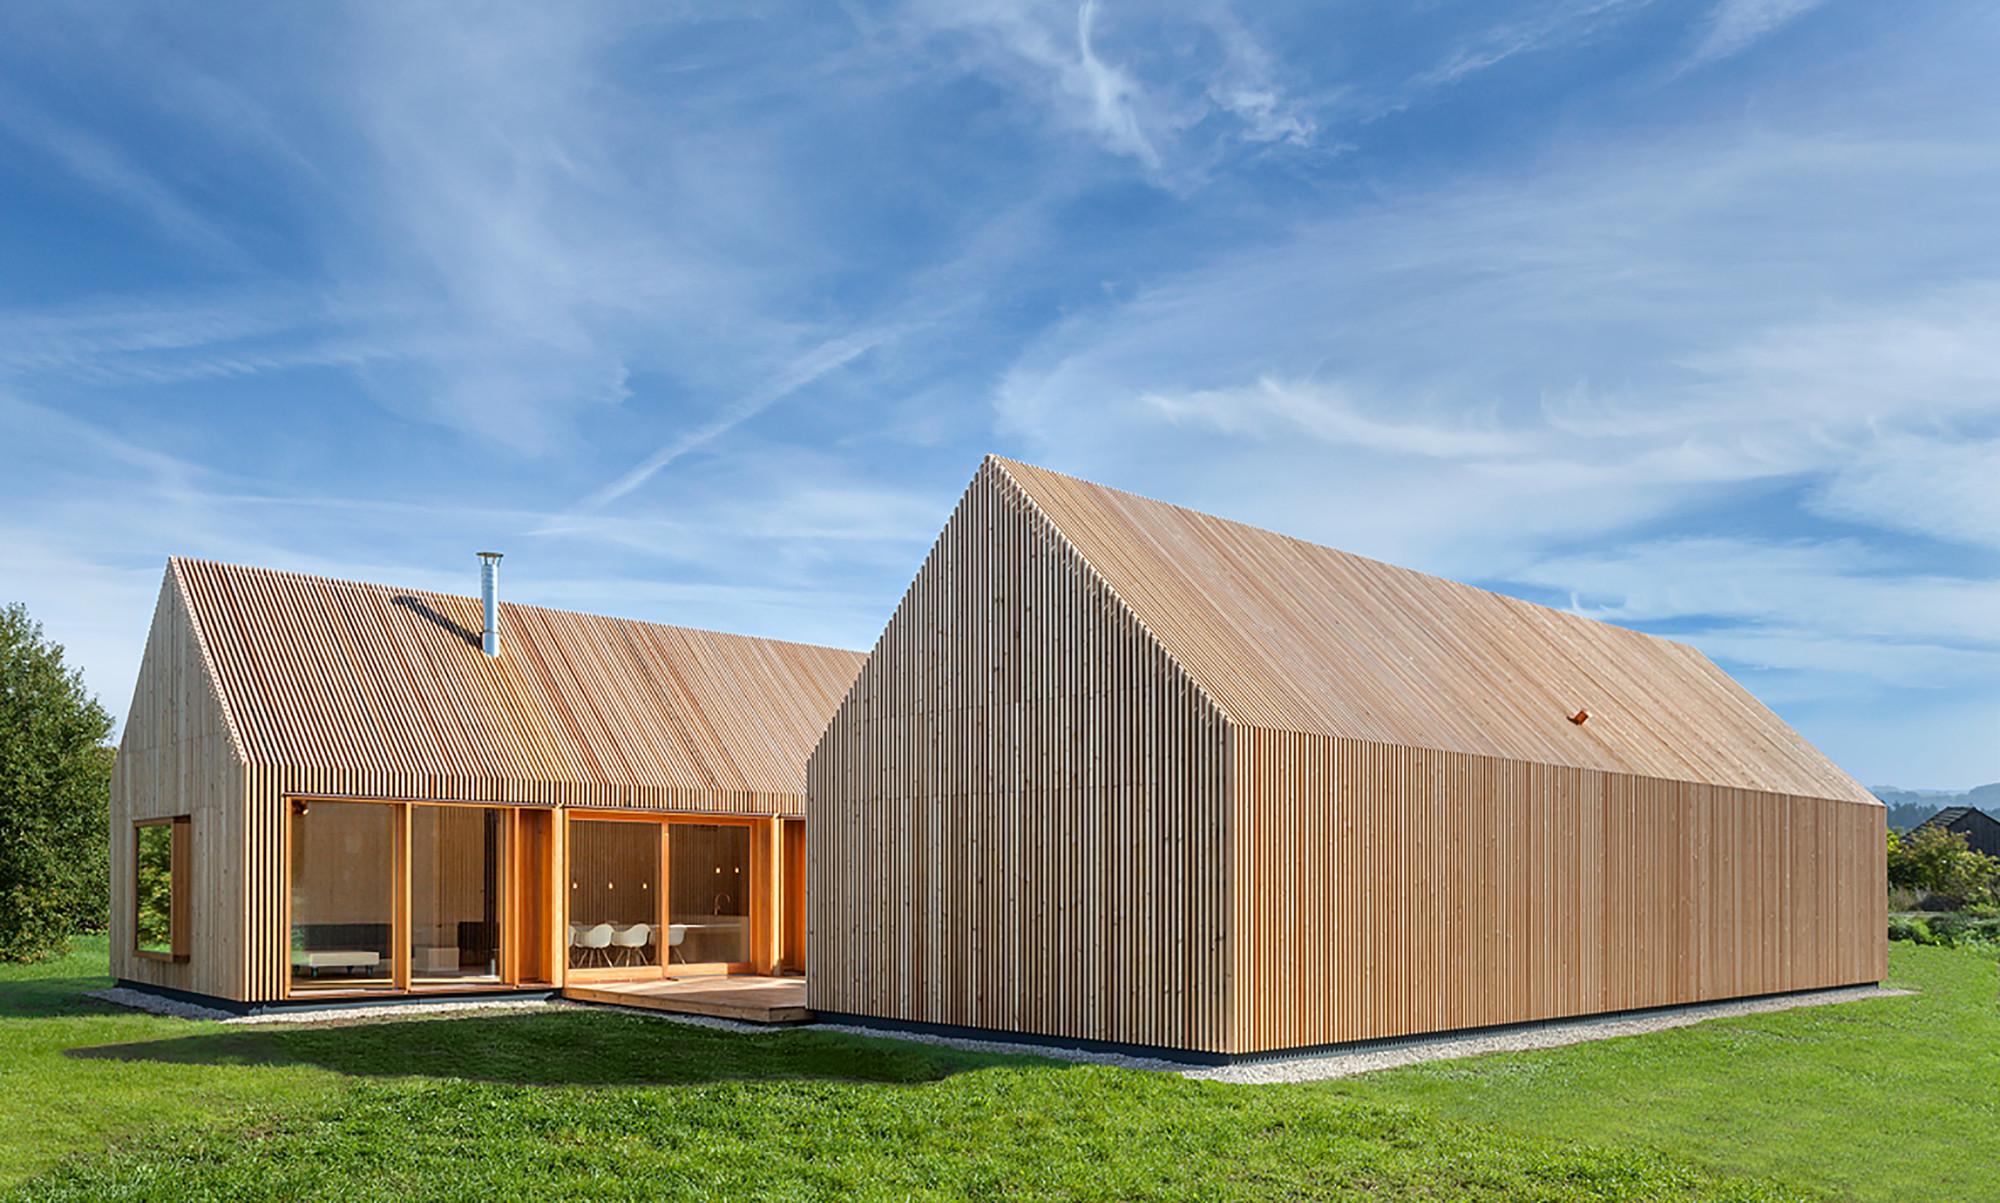 Timber house k hnlein architektur archdaily for Architektur software